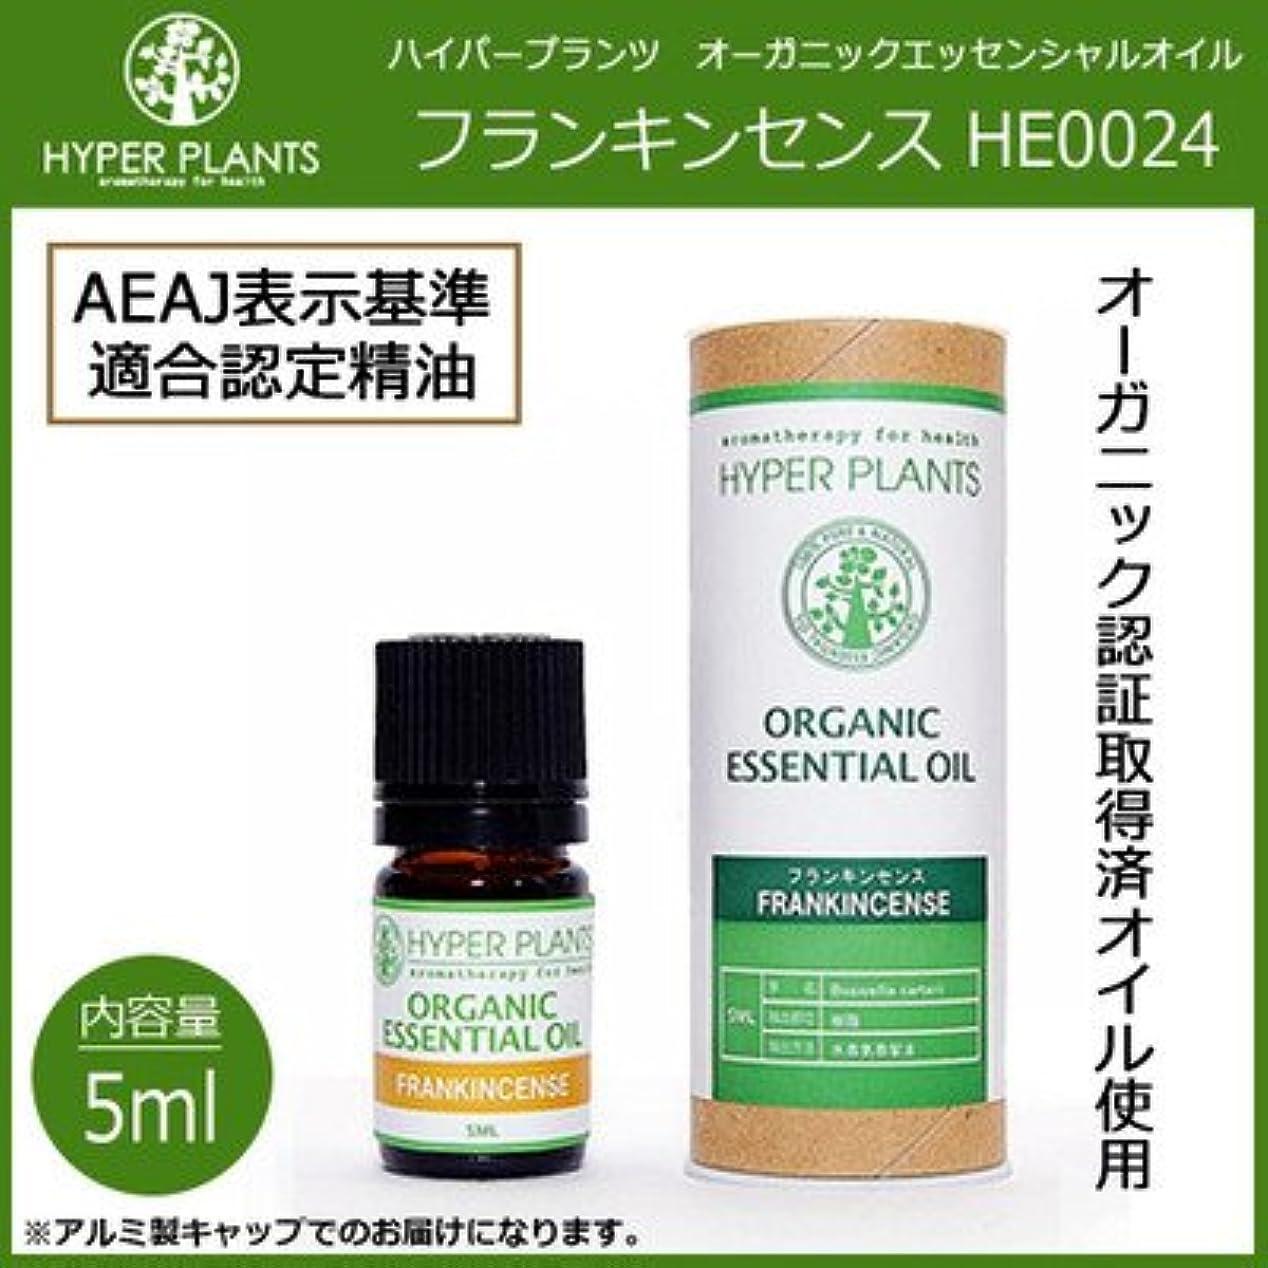 扇動図エイズ毎日の生活にアロマの香りを HYPER PLANTS ハイパープランツ オーガニックエッセンシャルオイル フランキンセンス 5ml HE0024